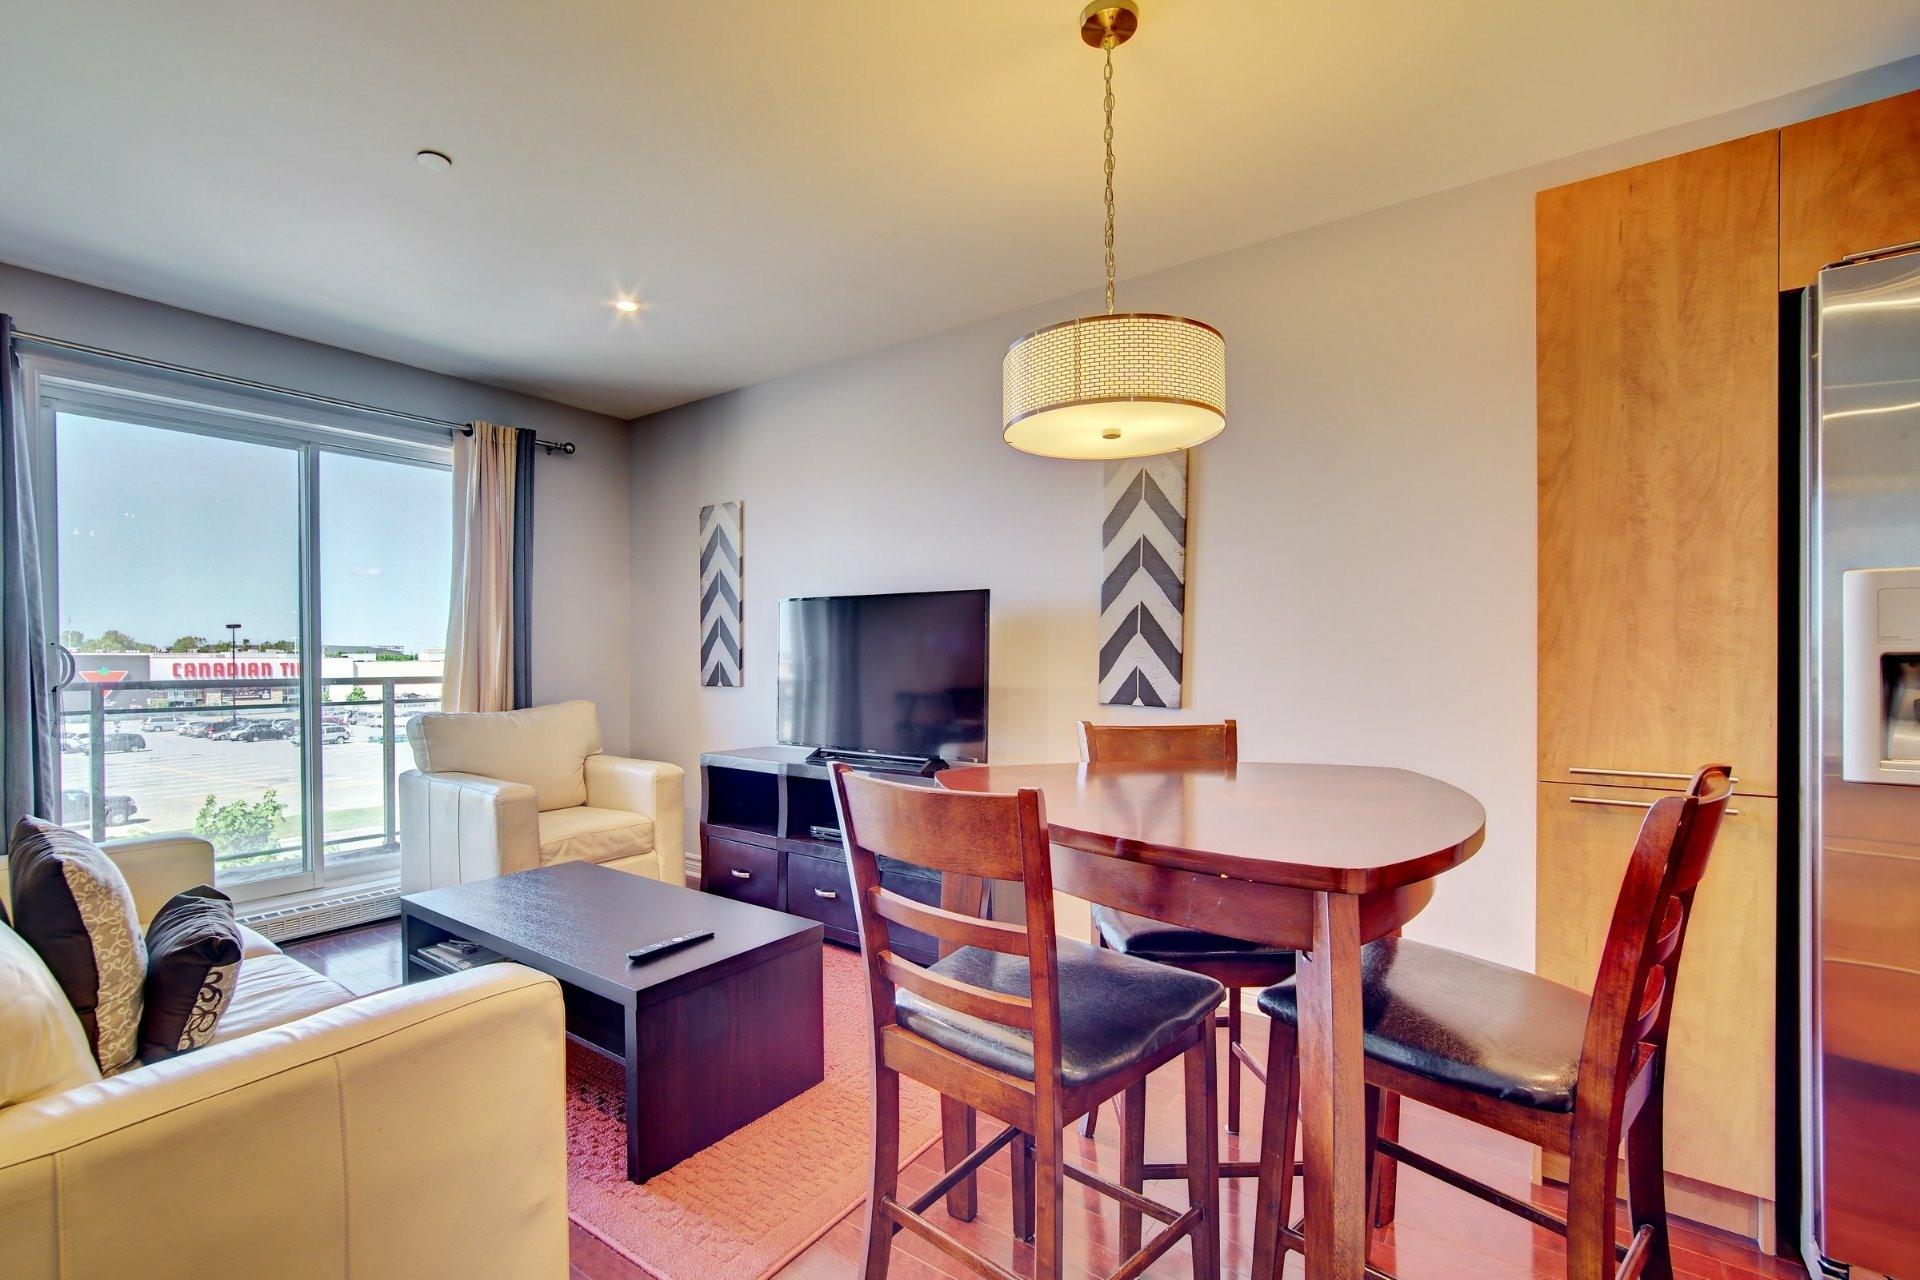 image 7 - Appartement À louer Laval-des-Rapides Laval  - 5 pièces